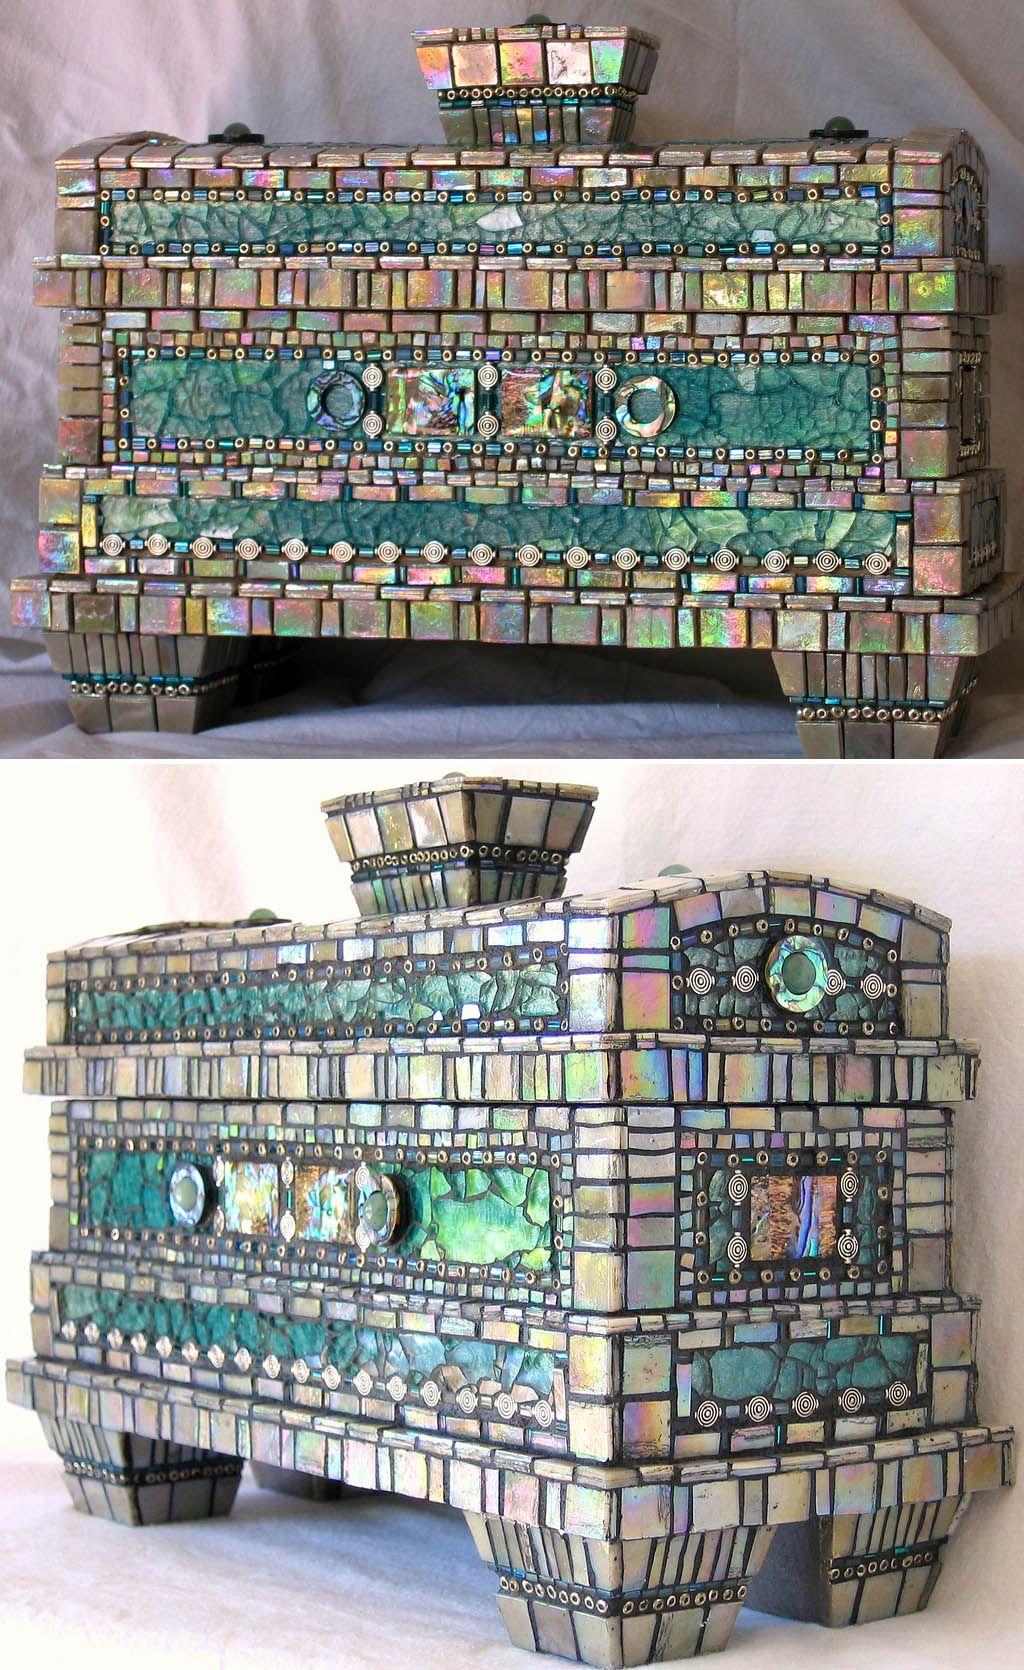 мозаичноая шкатулка. мк. Изображения в сообщении